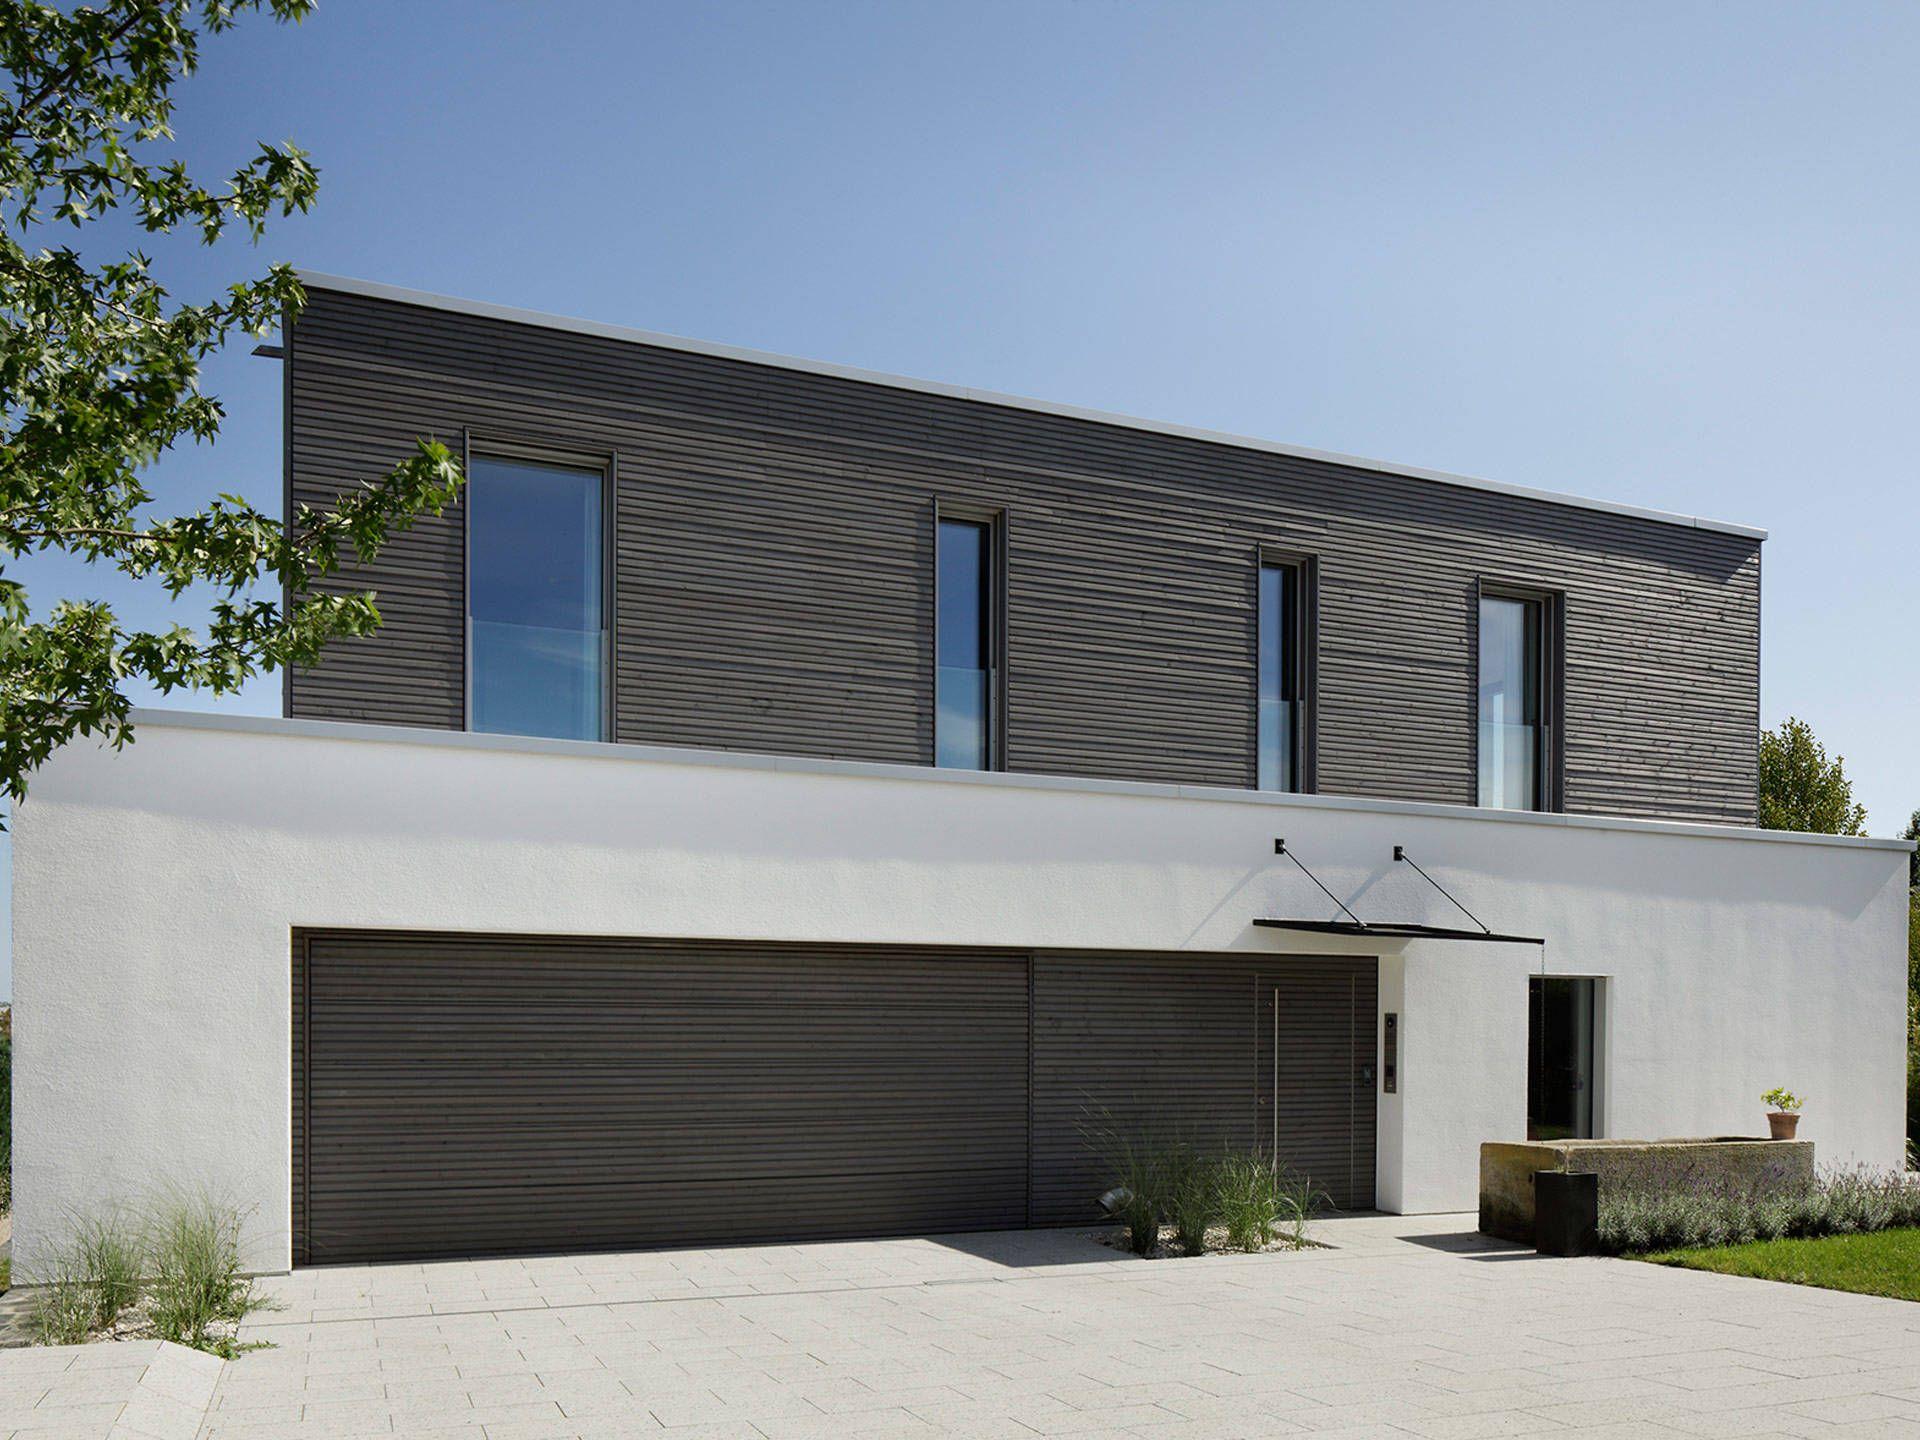 Musterhaus modern flachdach  Hauseingang vom Passivhaus Kiefer von Baufritz • Mit Musterhaus ...